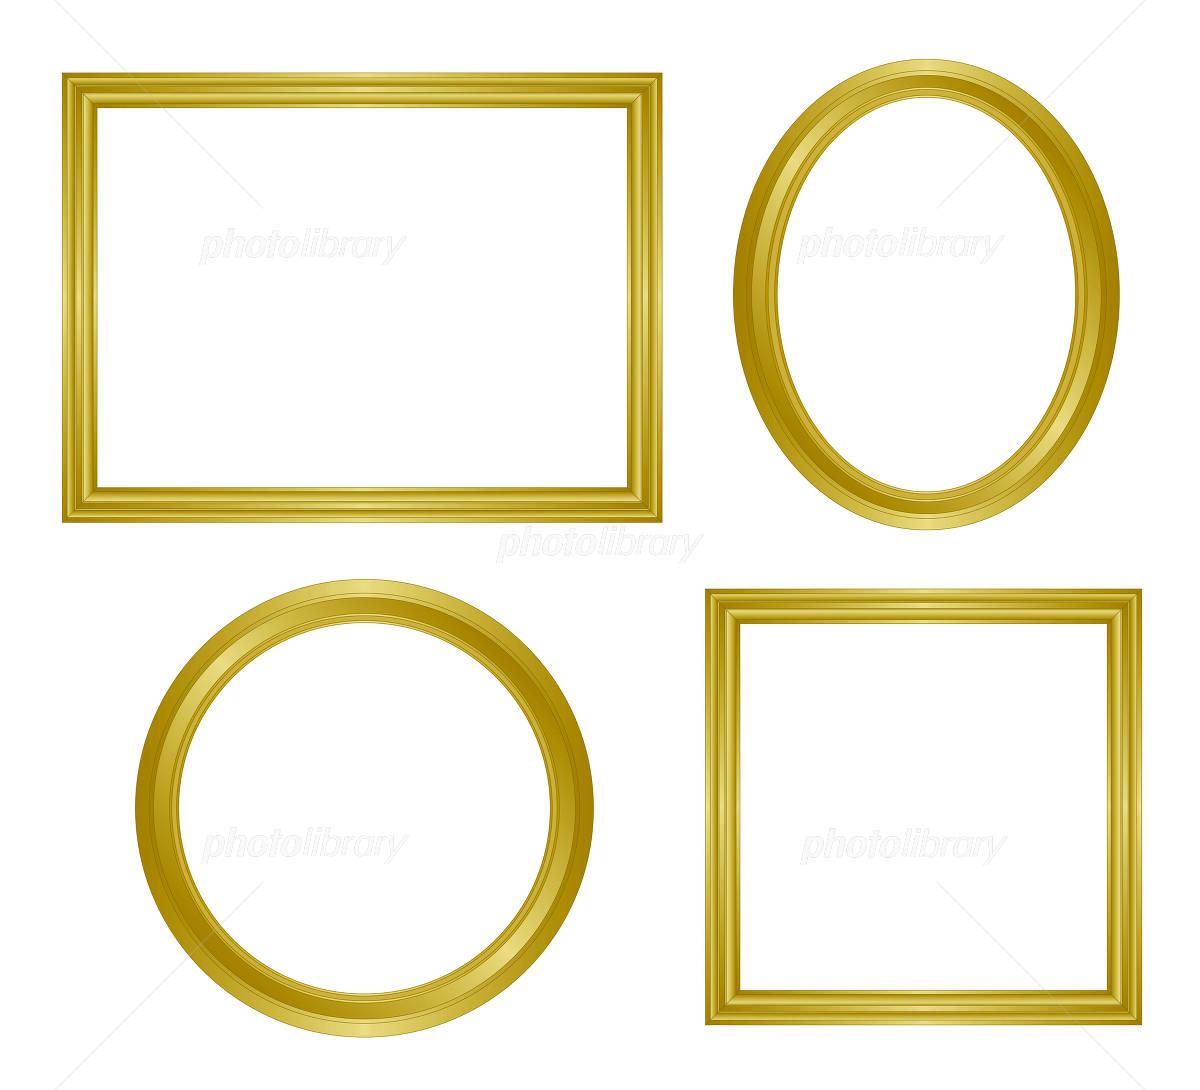 金のシンプルなフレーム イラスト素材 [ 1075972 ] - フォトライブ